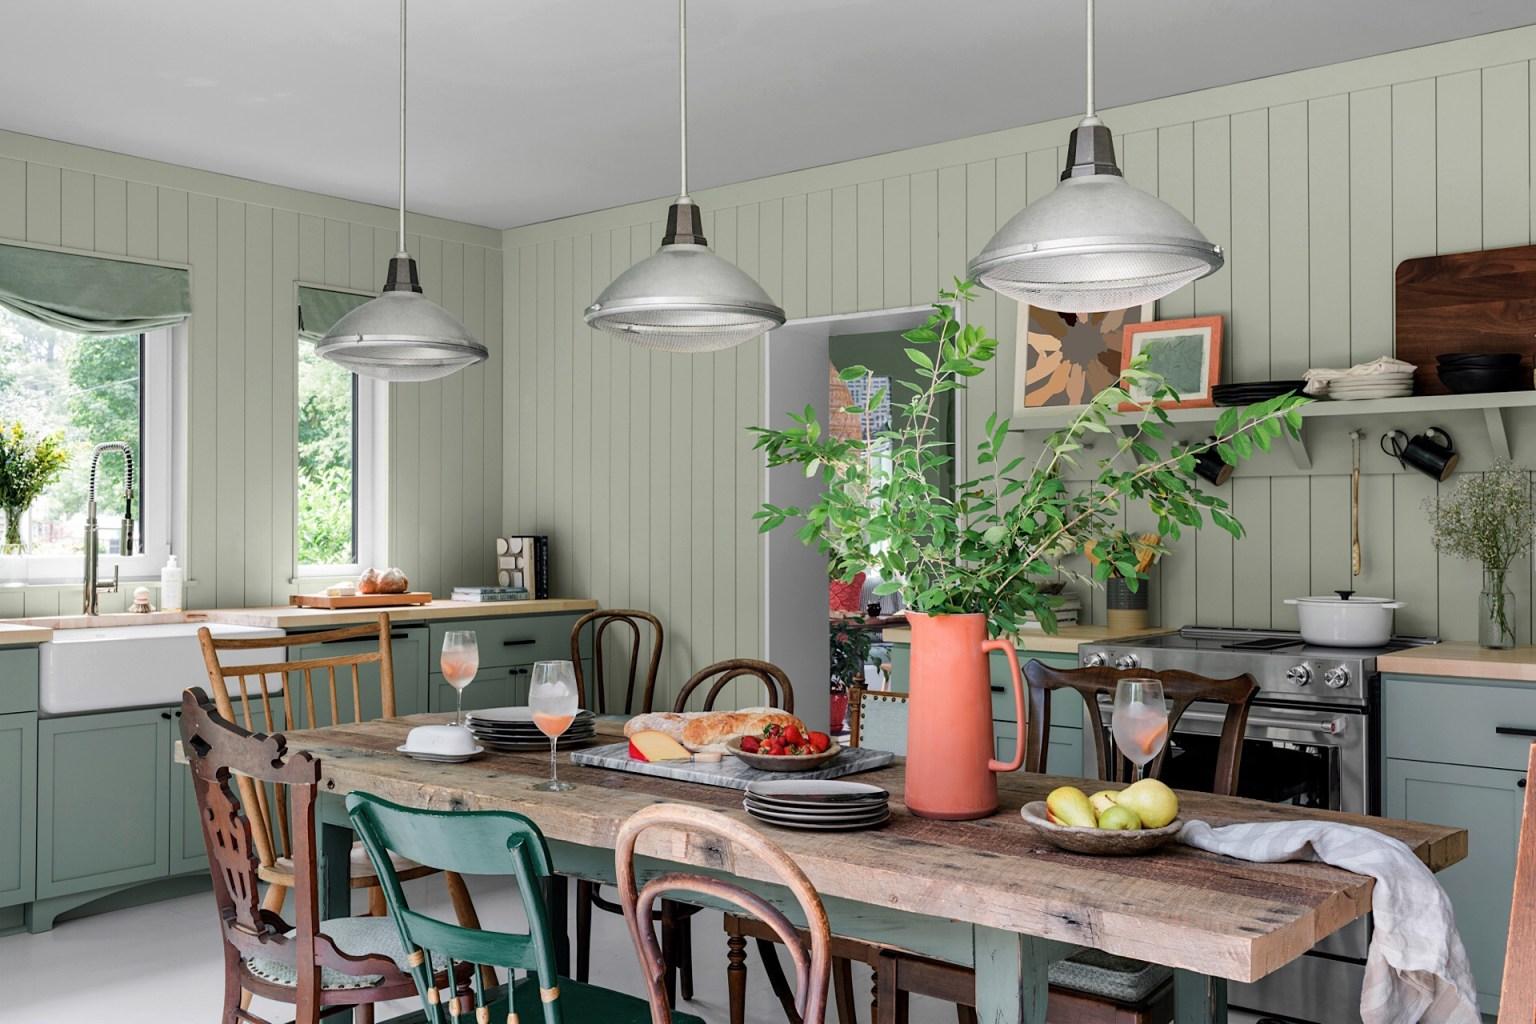 Căn nhà cấp 4 với nội thất dung dị nên thơ giữa khung cảnh xanh mát của vườn cây yên bình xung quanh - Ảnh 12.